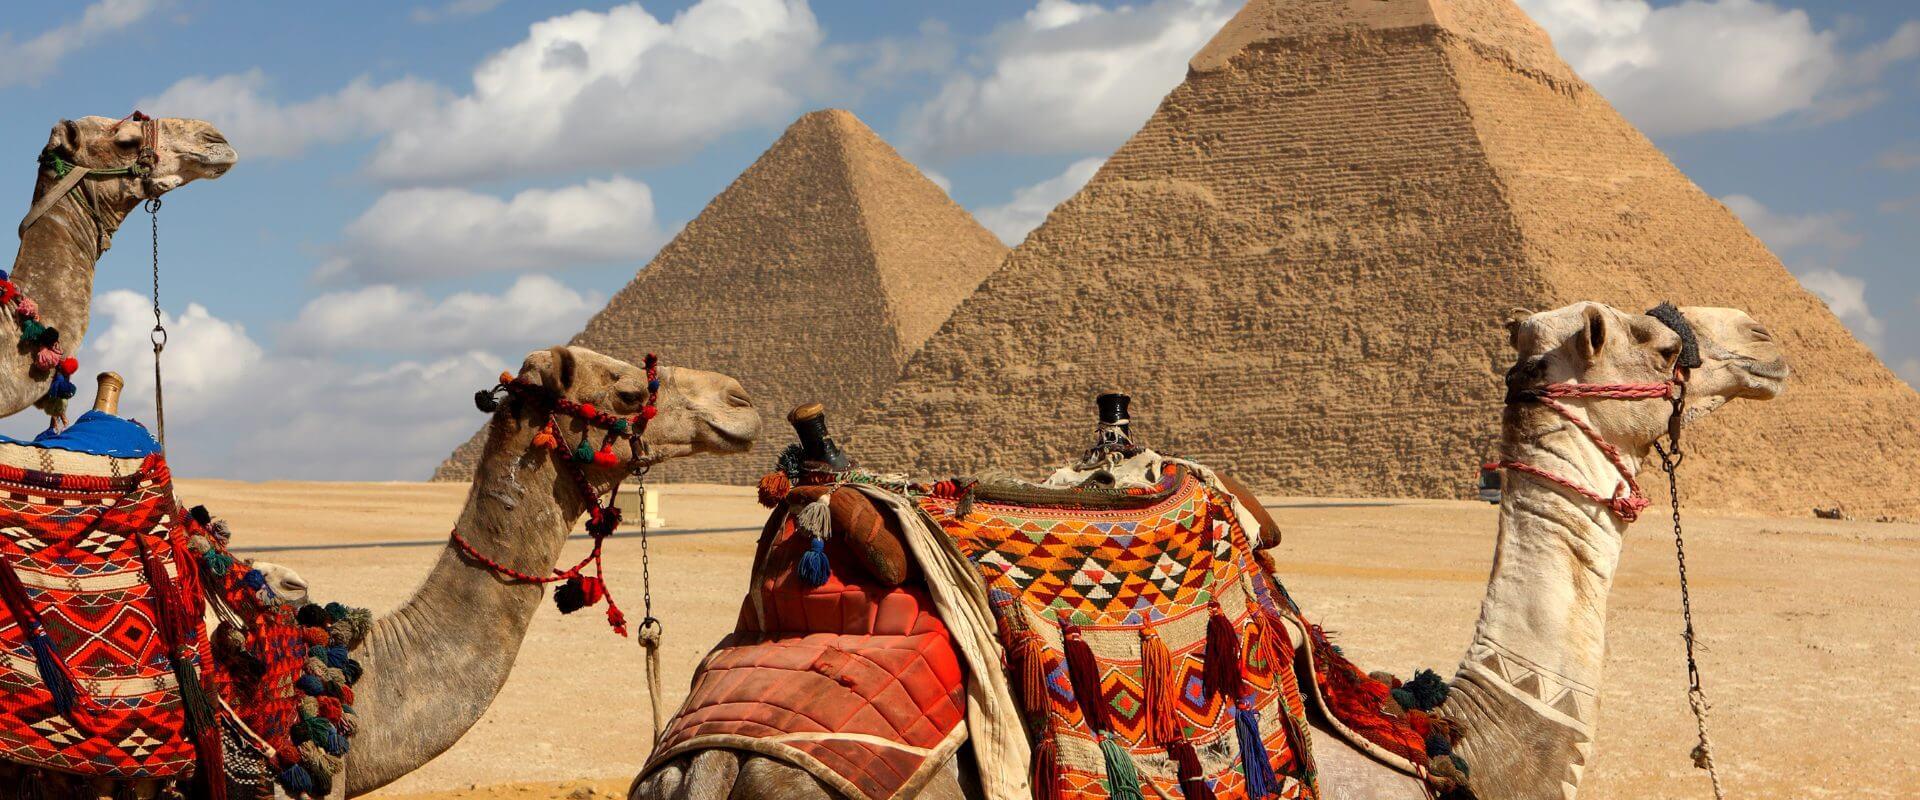 Bild Kairo